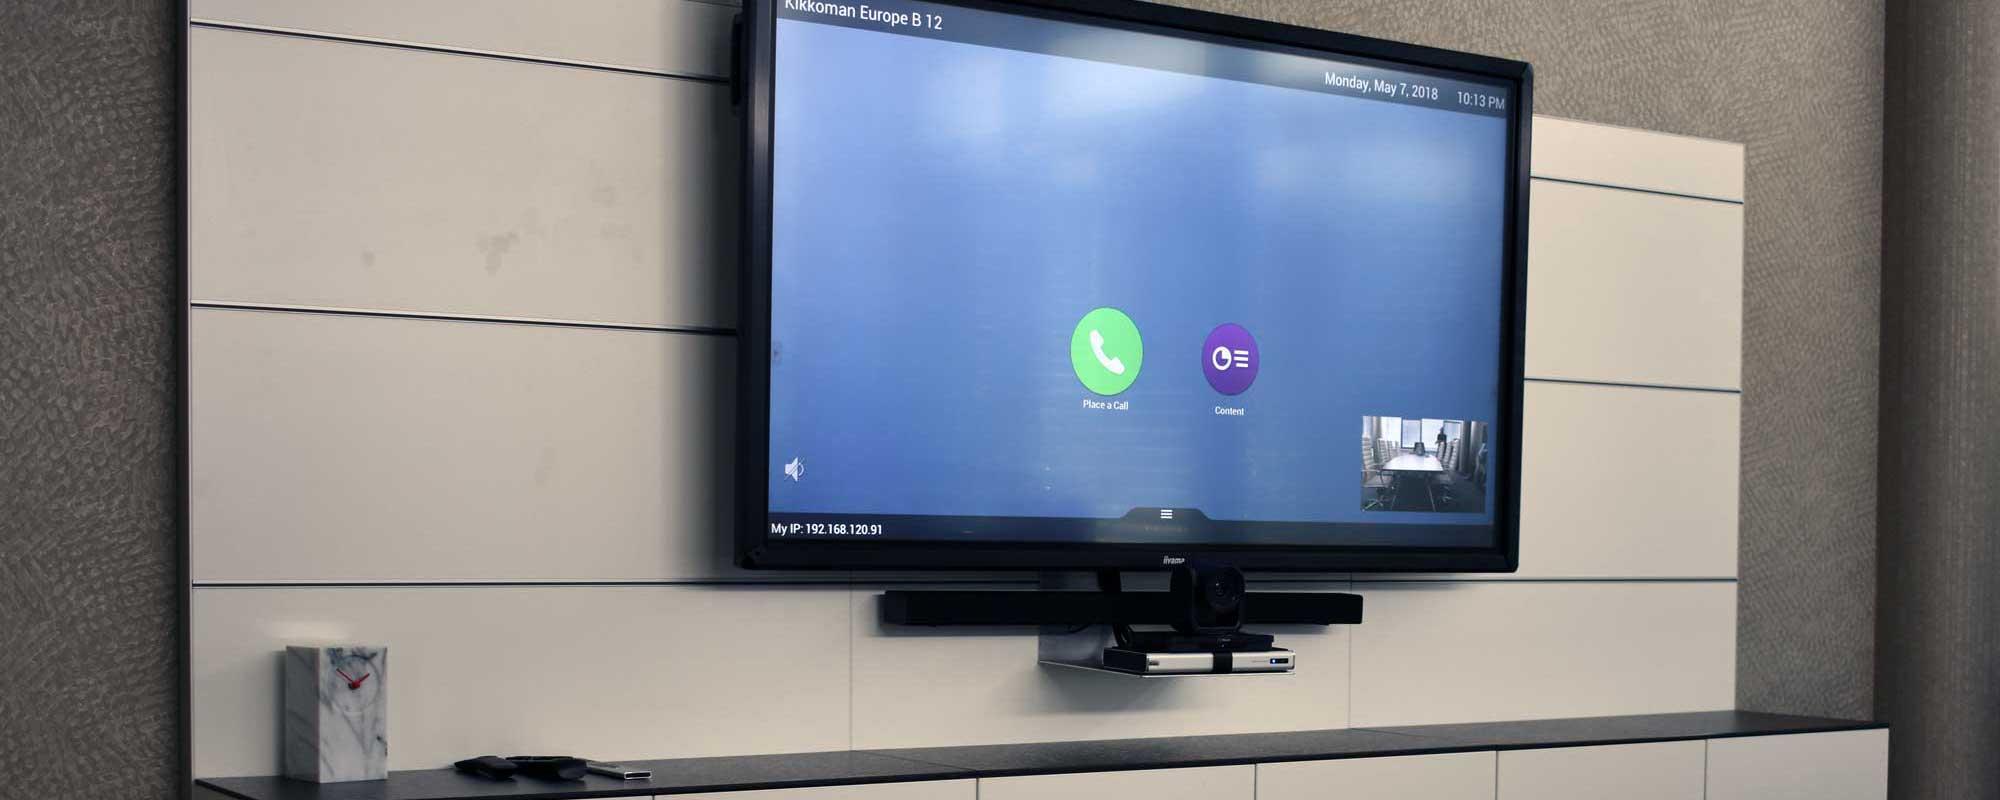 Videokonferenzraum mit interaktivem Monitor für zusätzliche Präsentationen